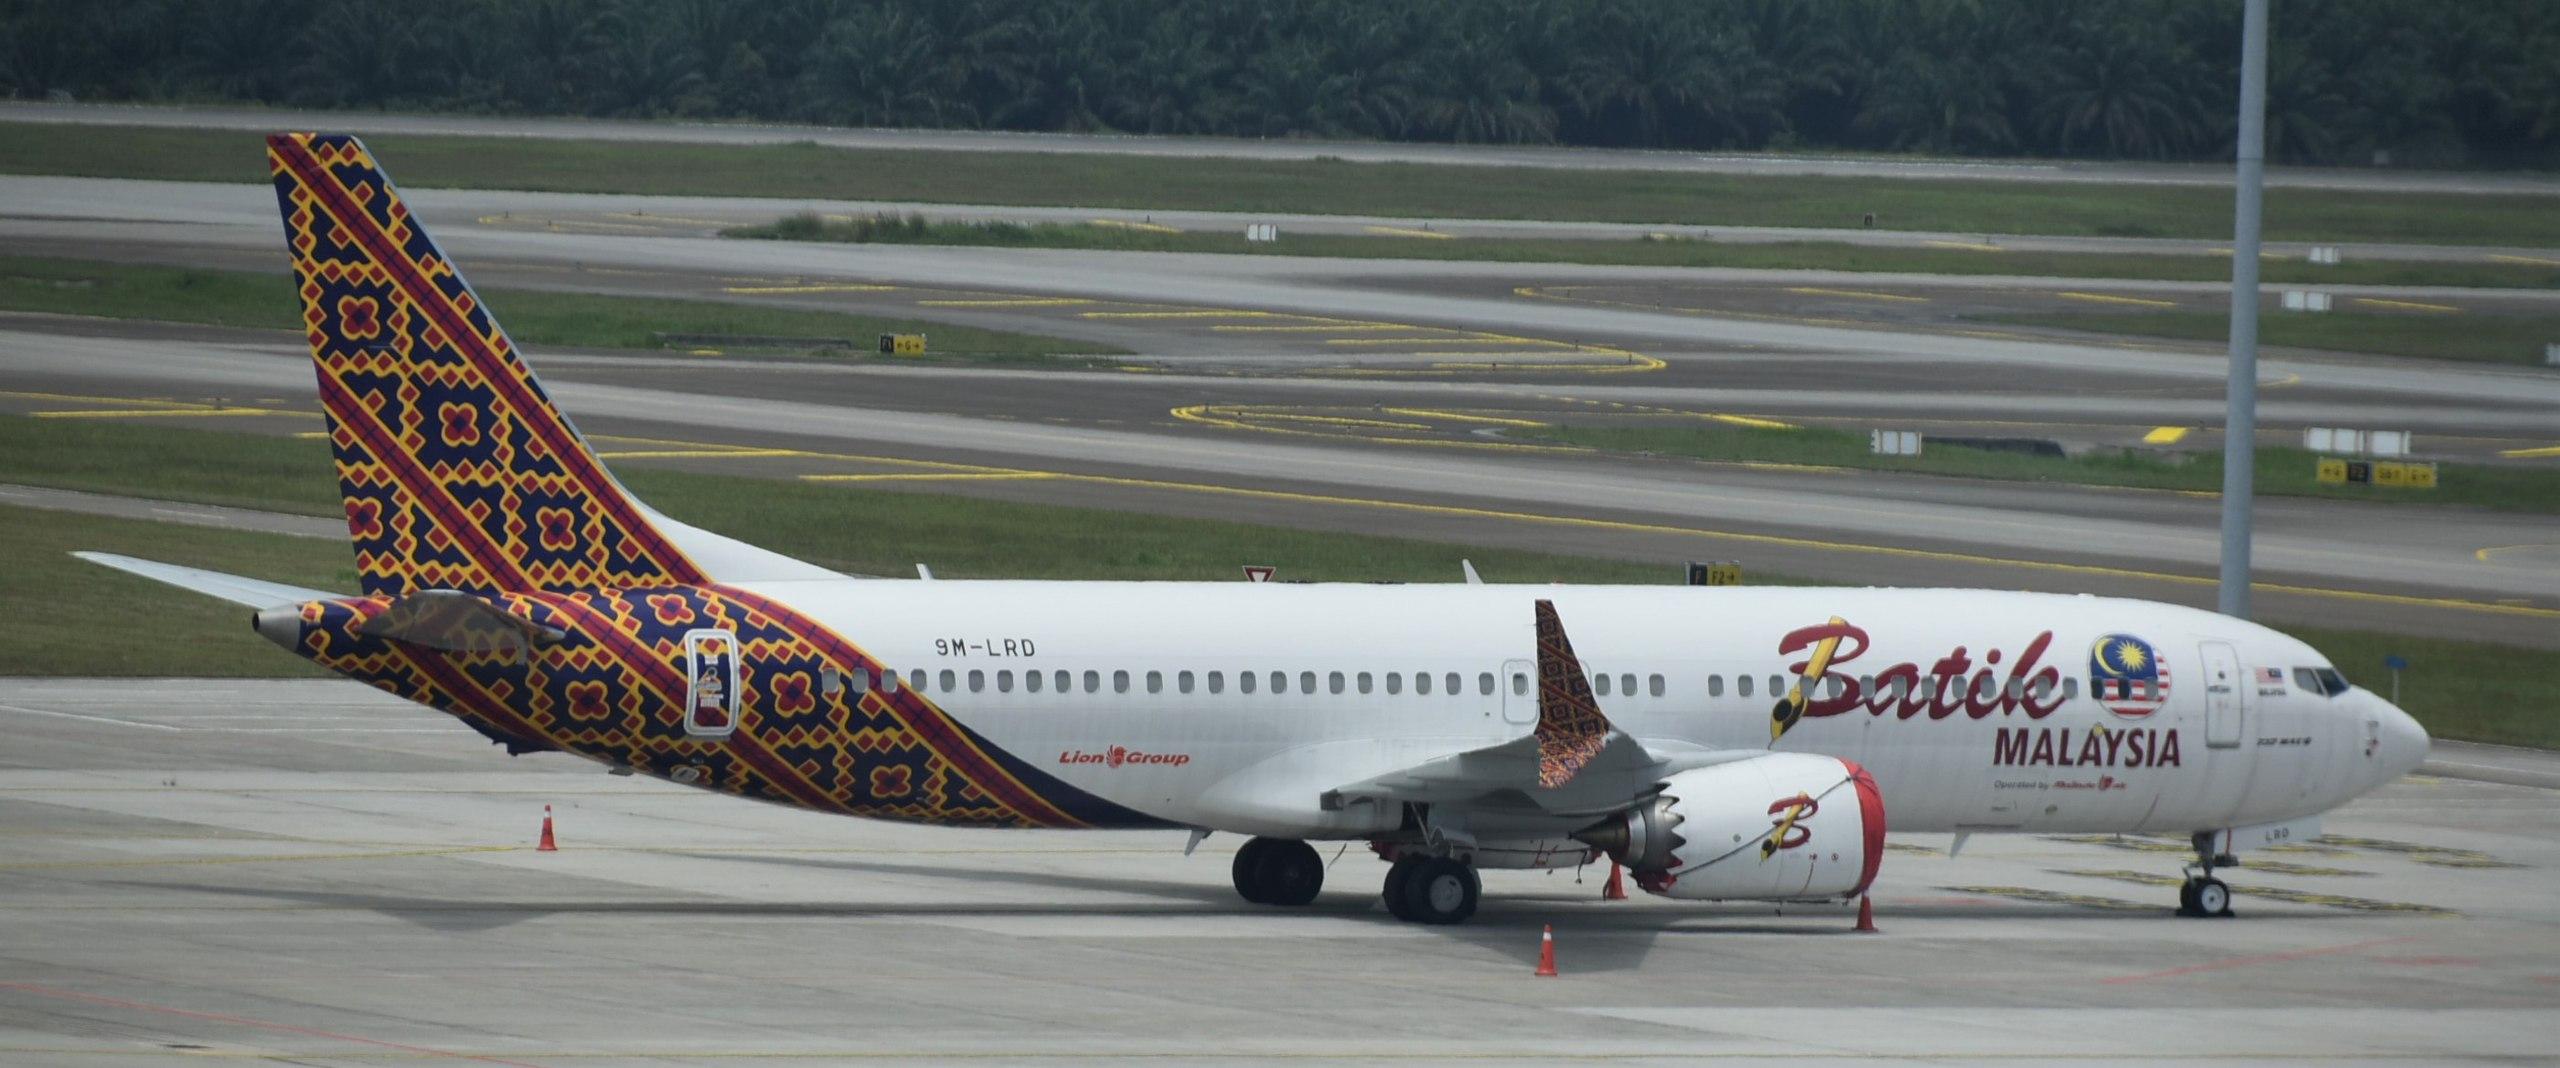 Boeing 737 MAX 8 mulai beroperasi dengan anak perusahaan Lion Air, Malindo Air (mengenakan corak Batik Air Malaysia)